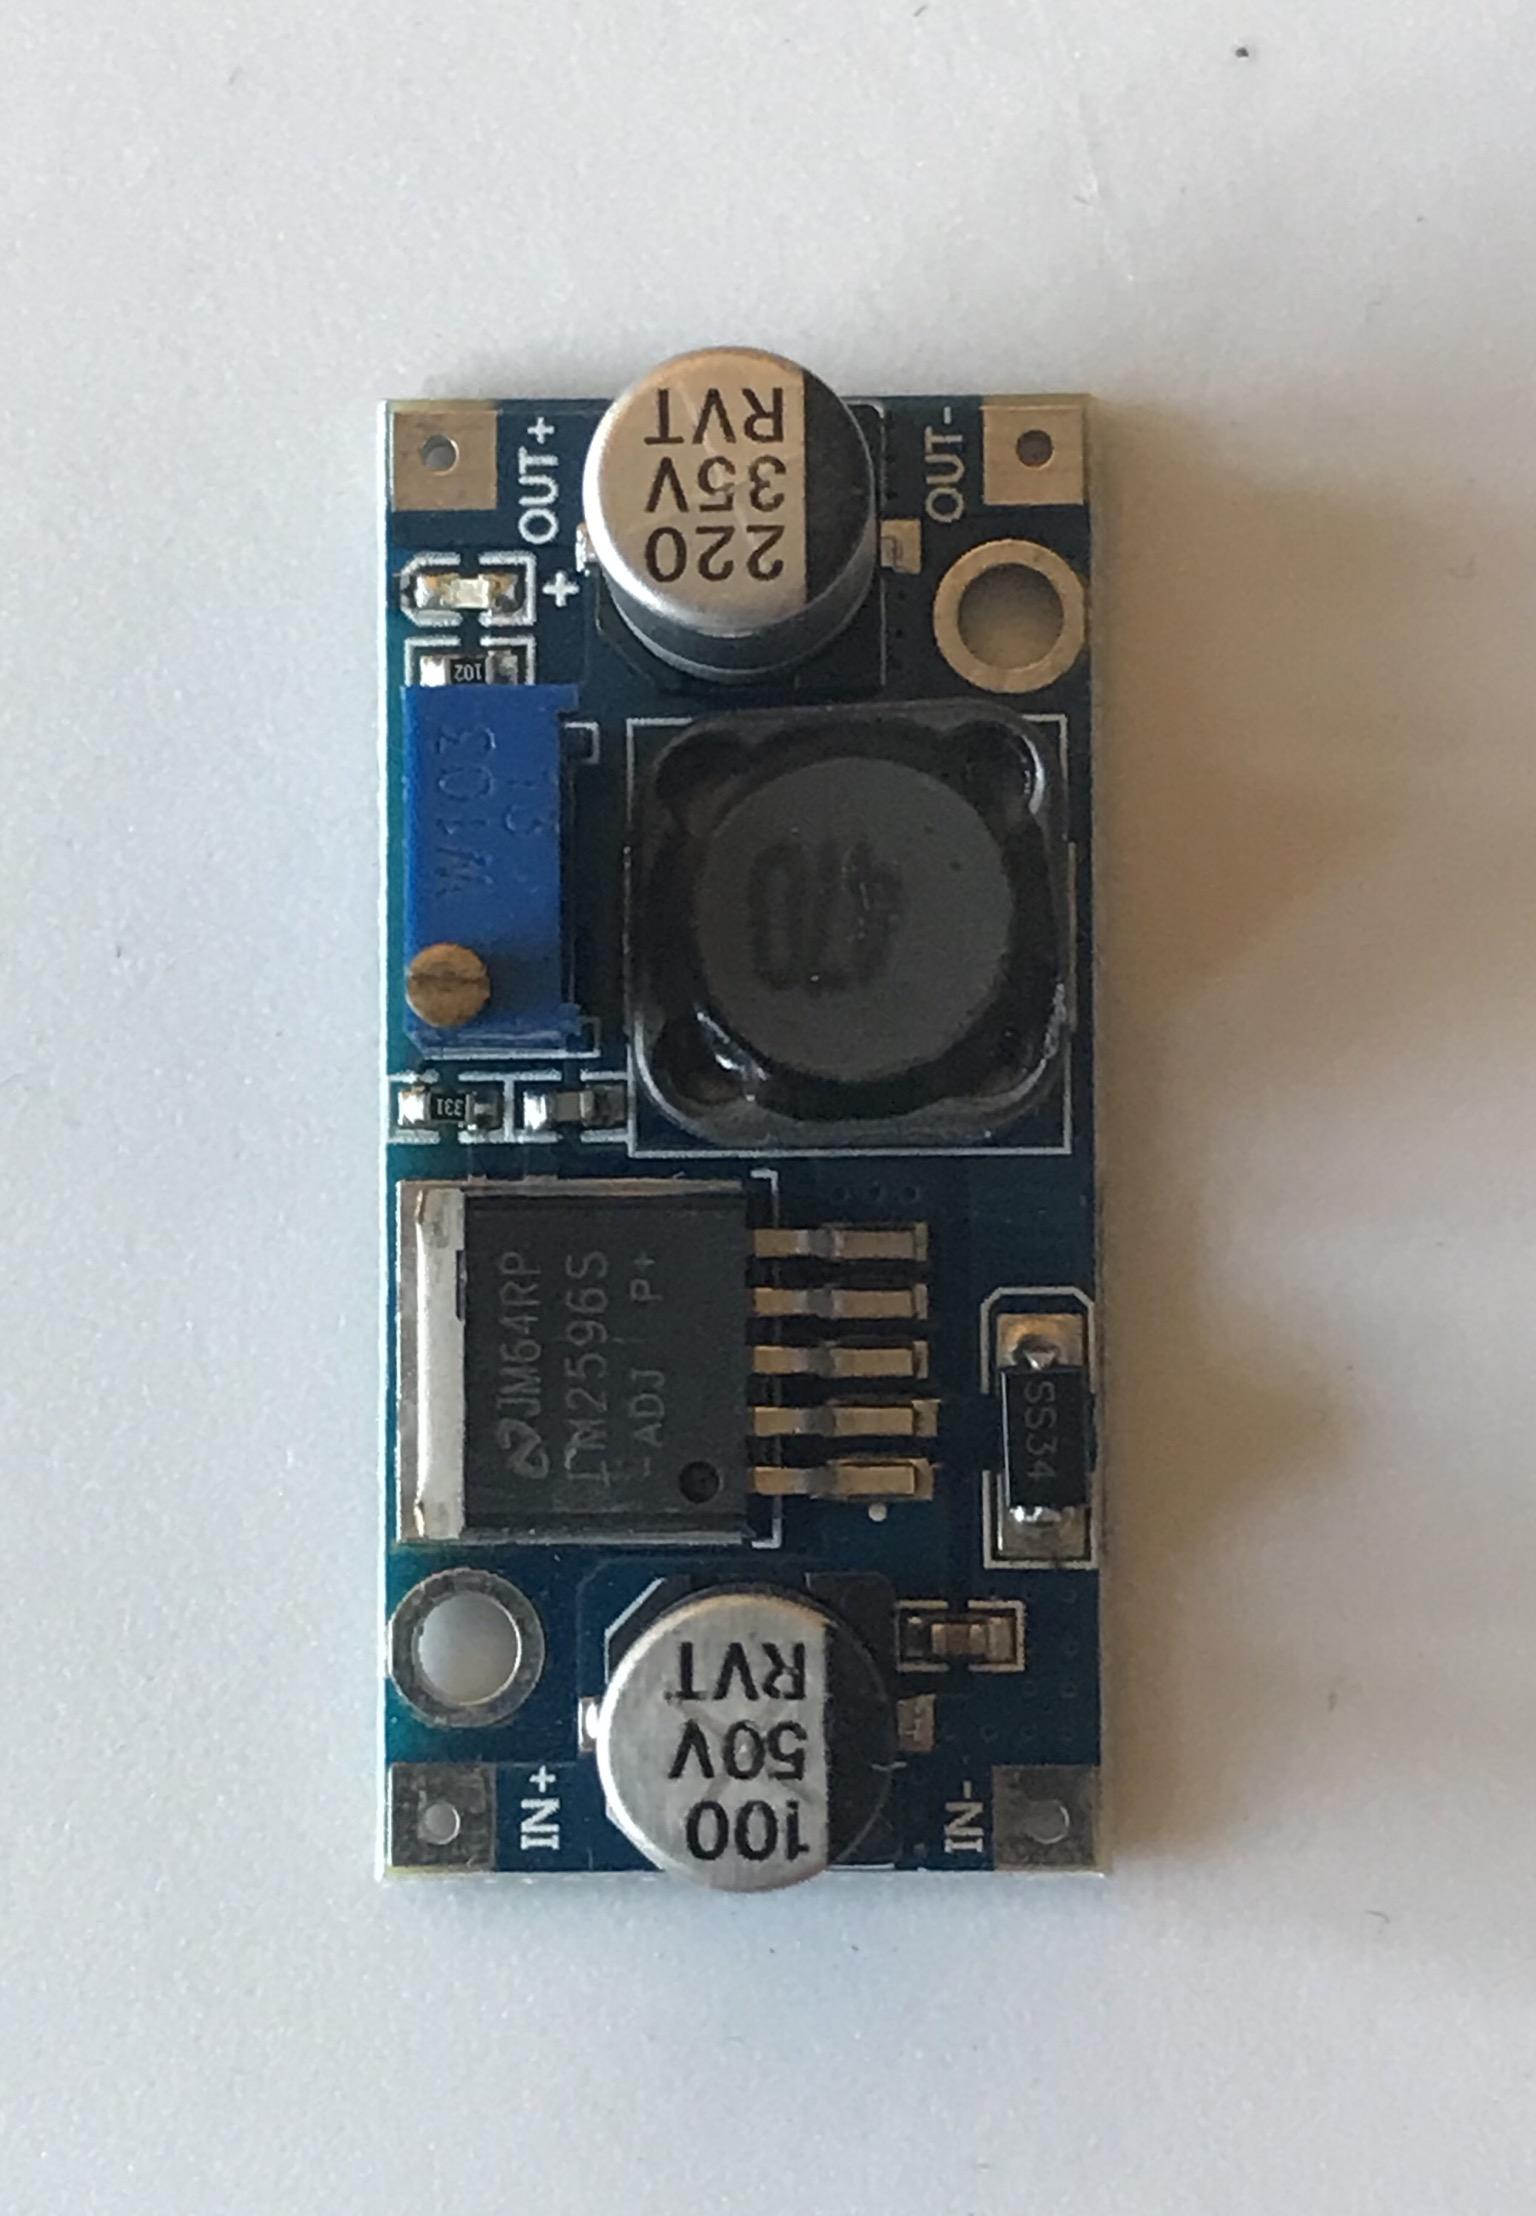 adafruit_products_0EDB0633-351B-45E0-AAAE-B2425938DF31.jpeg